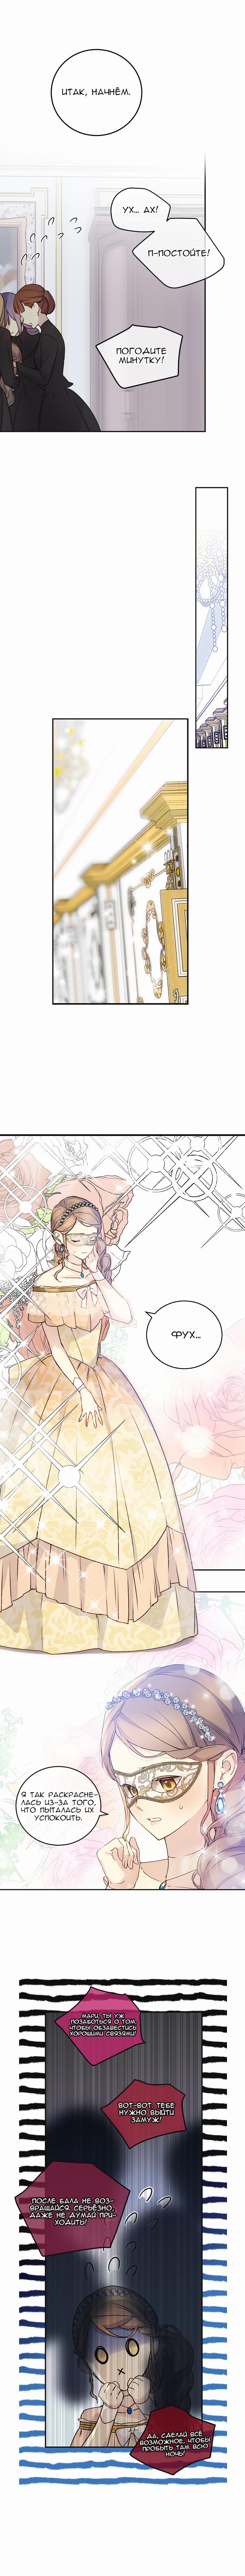 Манга Способная горничная / Capable maid  - Том 1 Глава 28 Страница 5